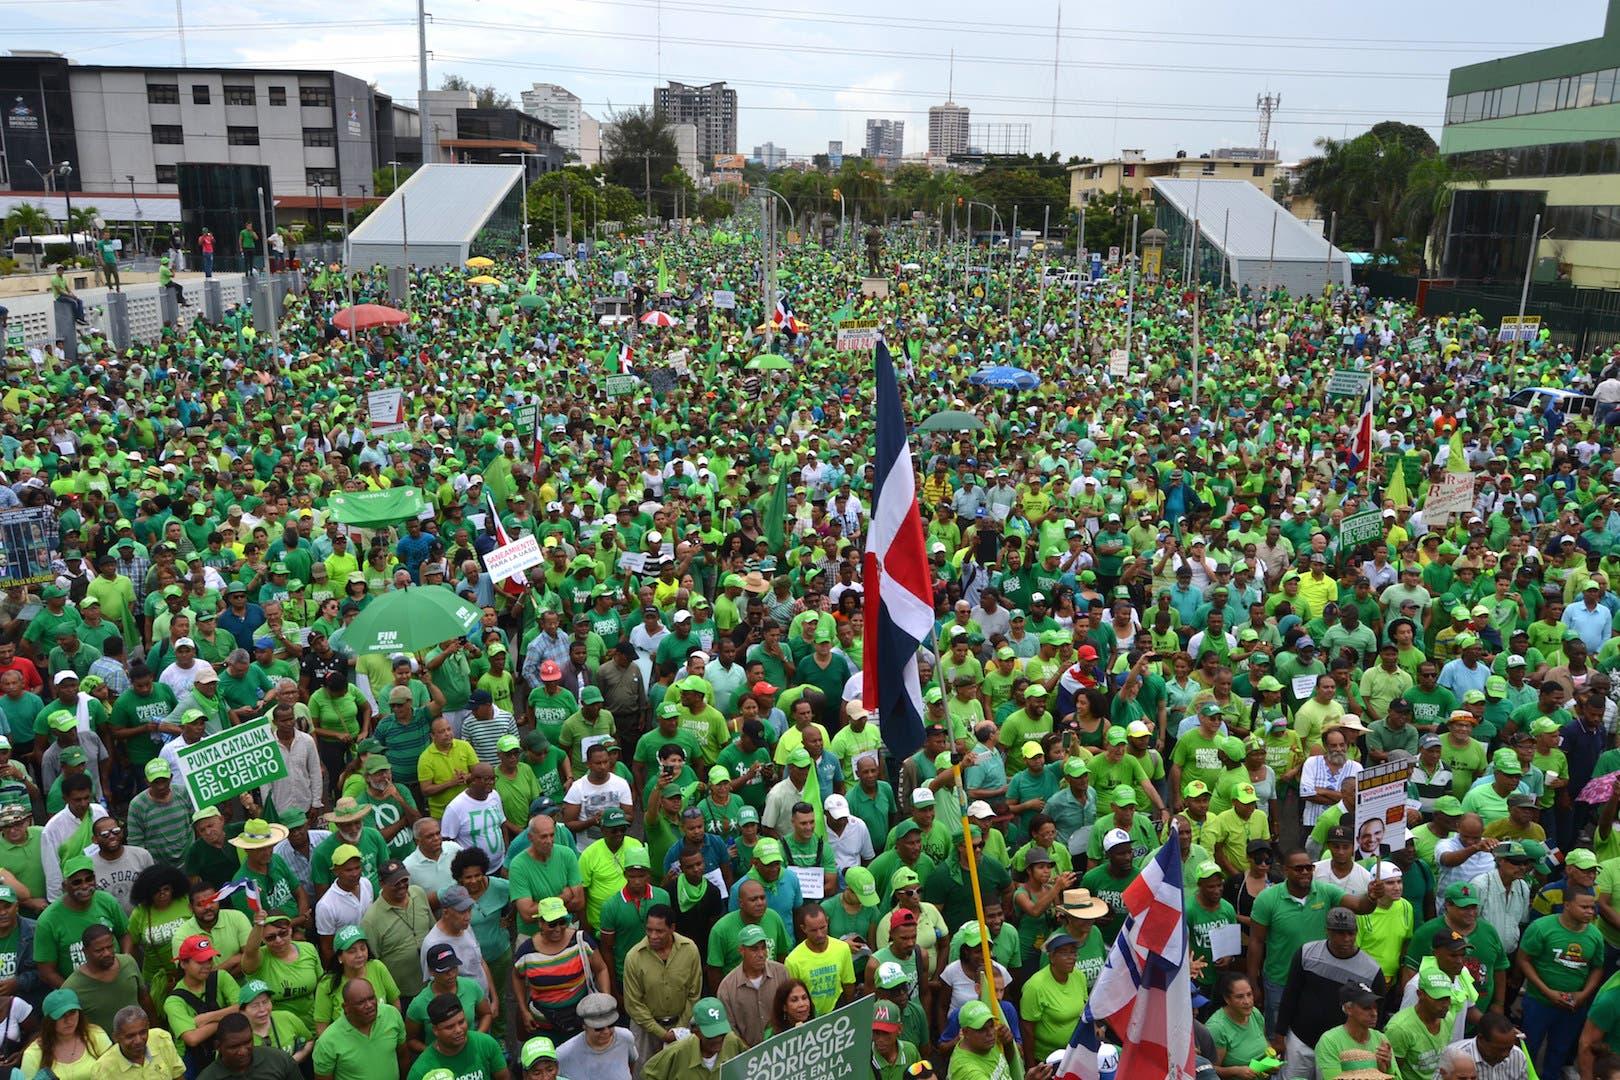 Marcha Verde deplora represión policial desatada contra manifestaciones